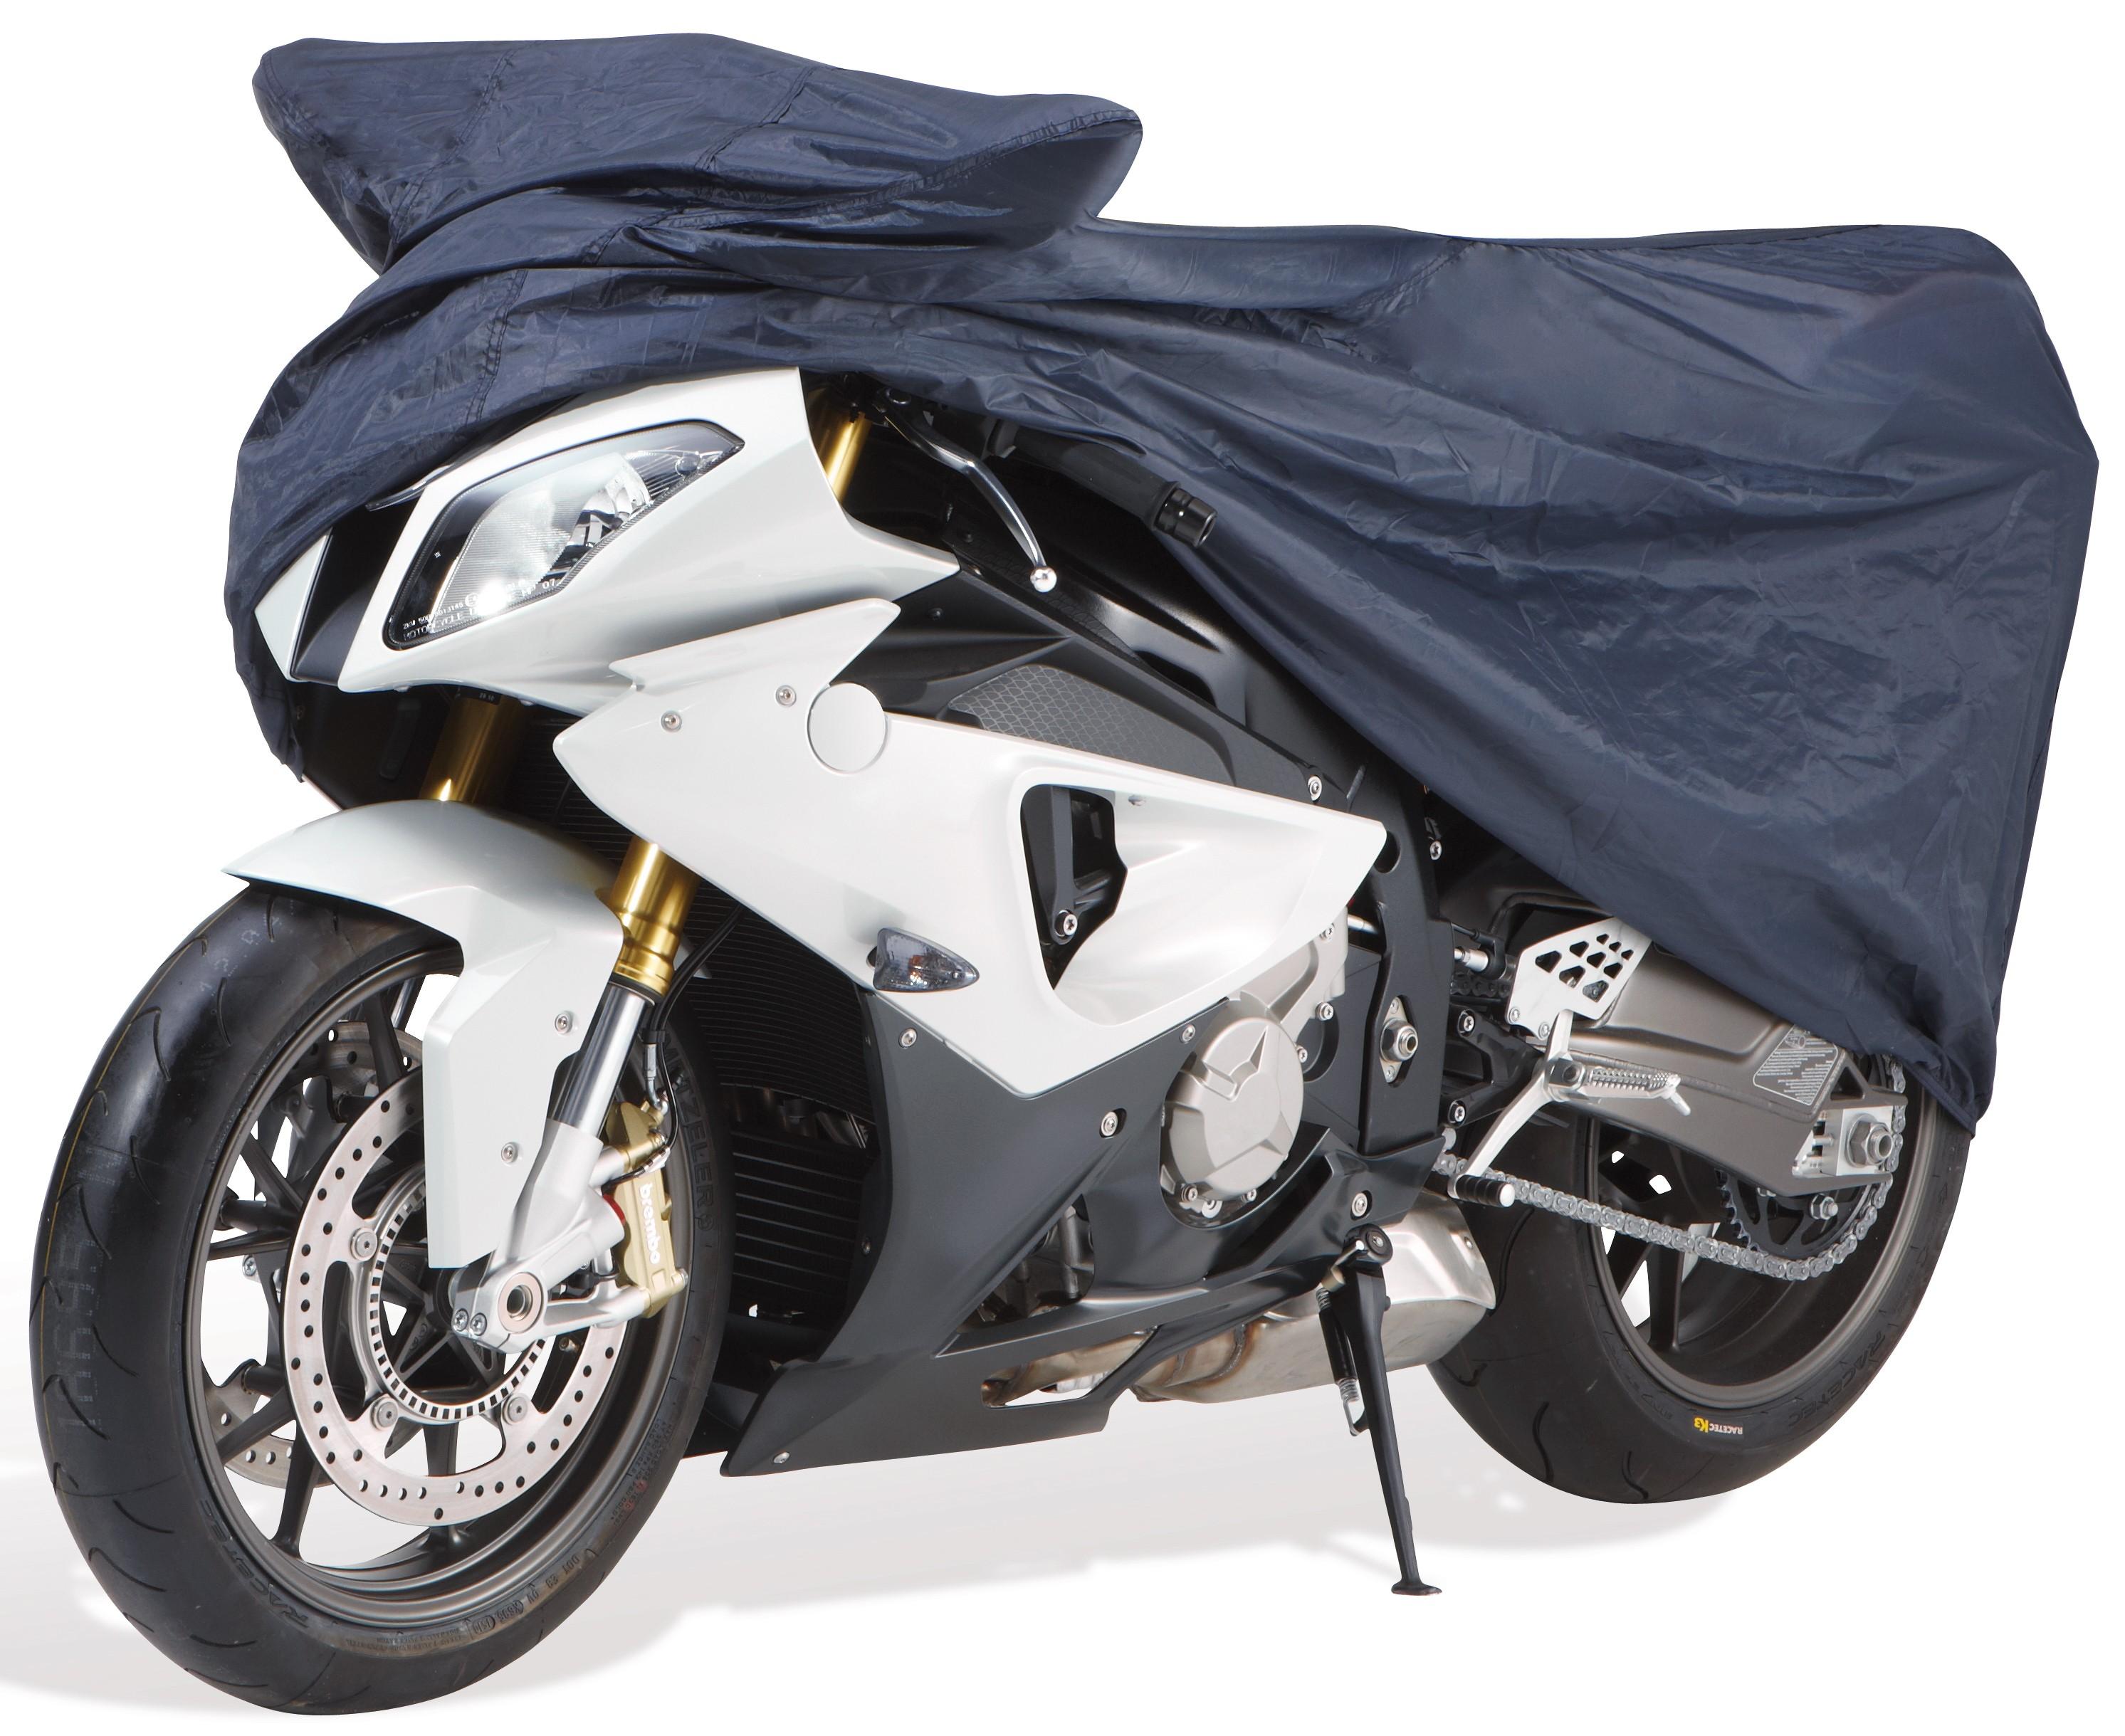 Motorrad Garage 203x89x119cm Größe M Bild 1